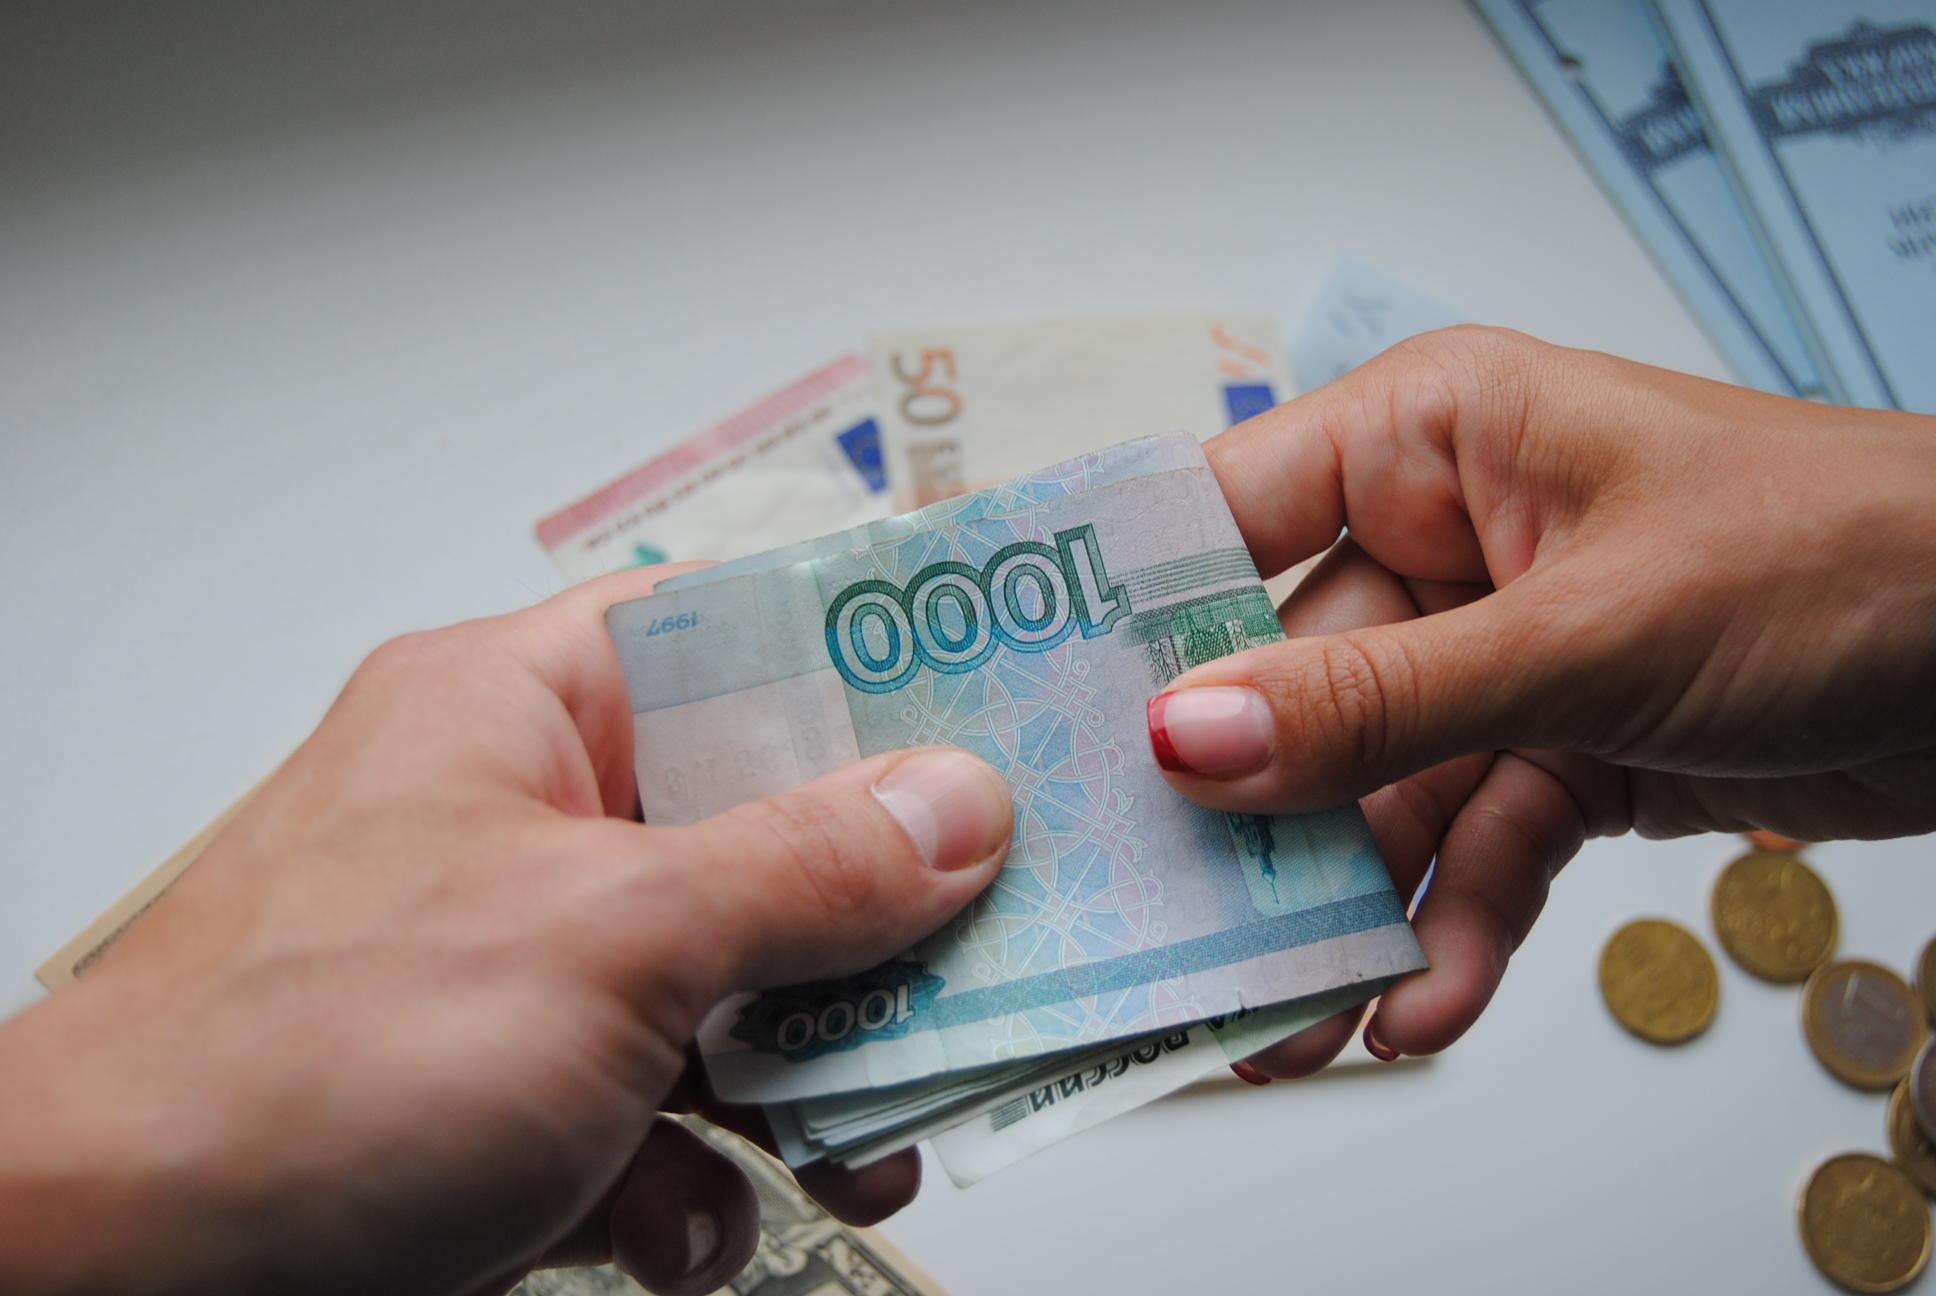 Взять займ деньги до зарплаты онлайн займы новоуральск кпк первый